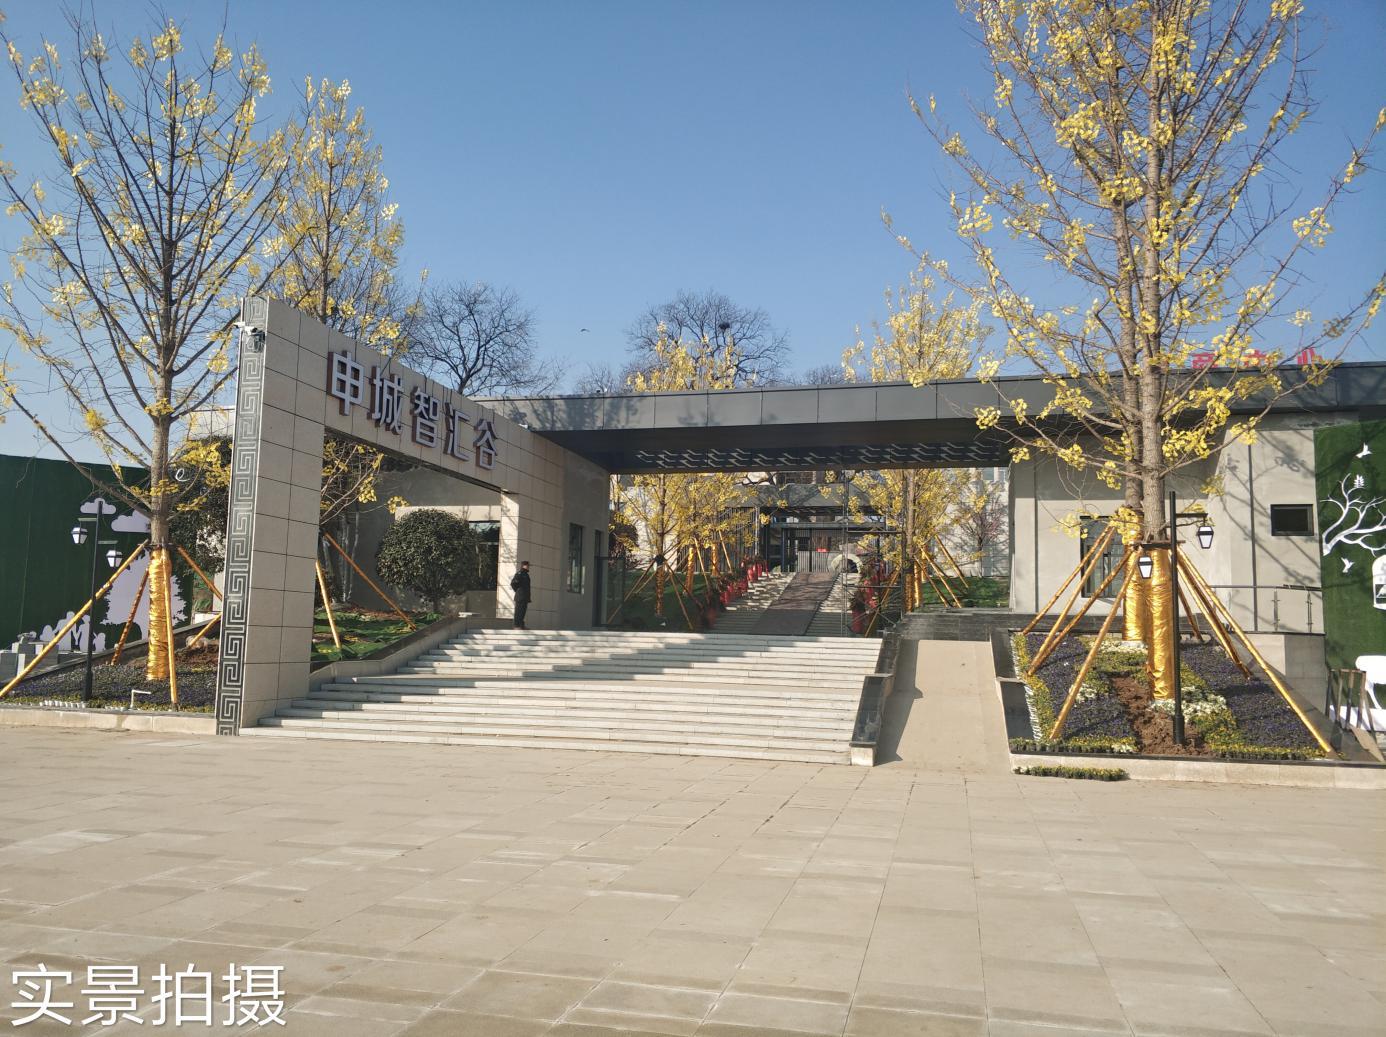 企业独栋 信阳申城智汇谷引领企业发展新时代